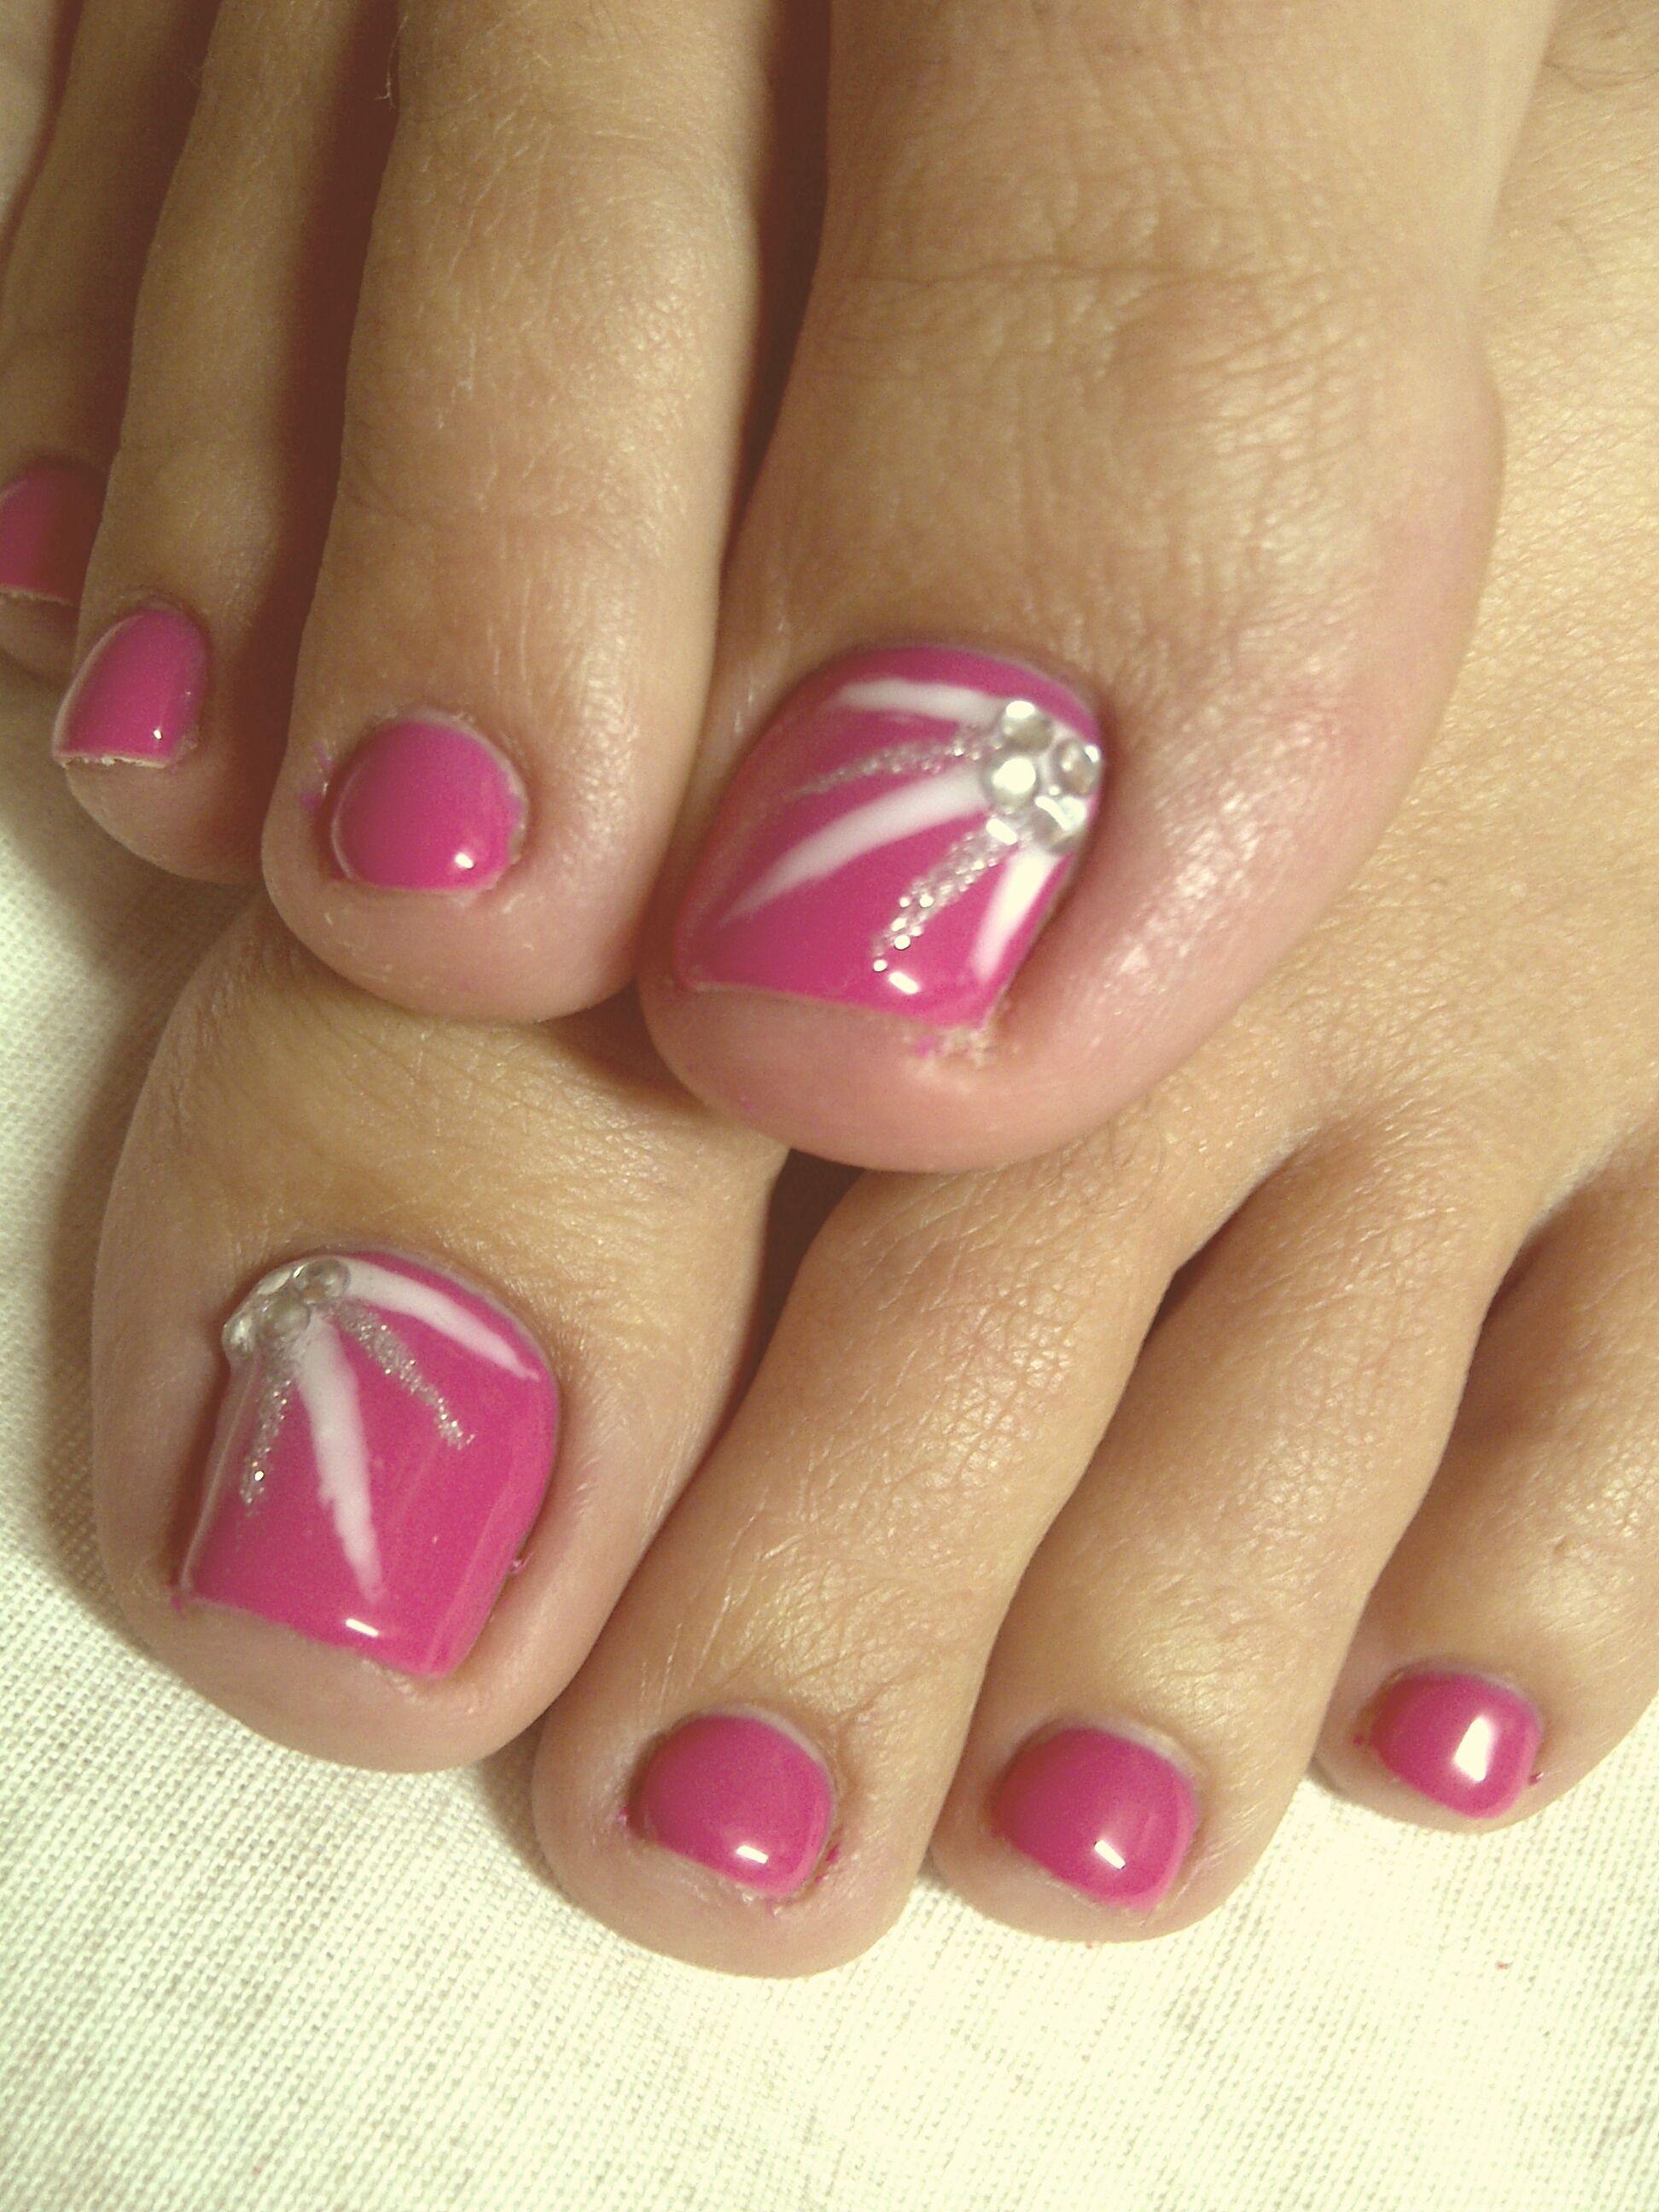 toe nail art | nail art designs in 2018 | pinterest | nails, nail